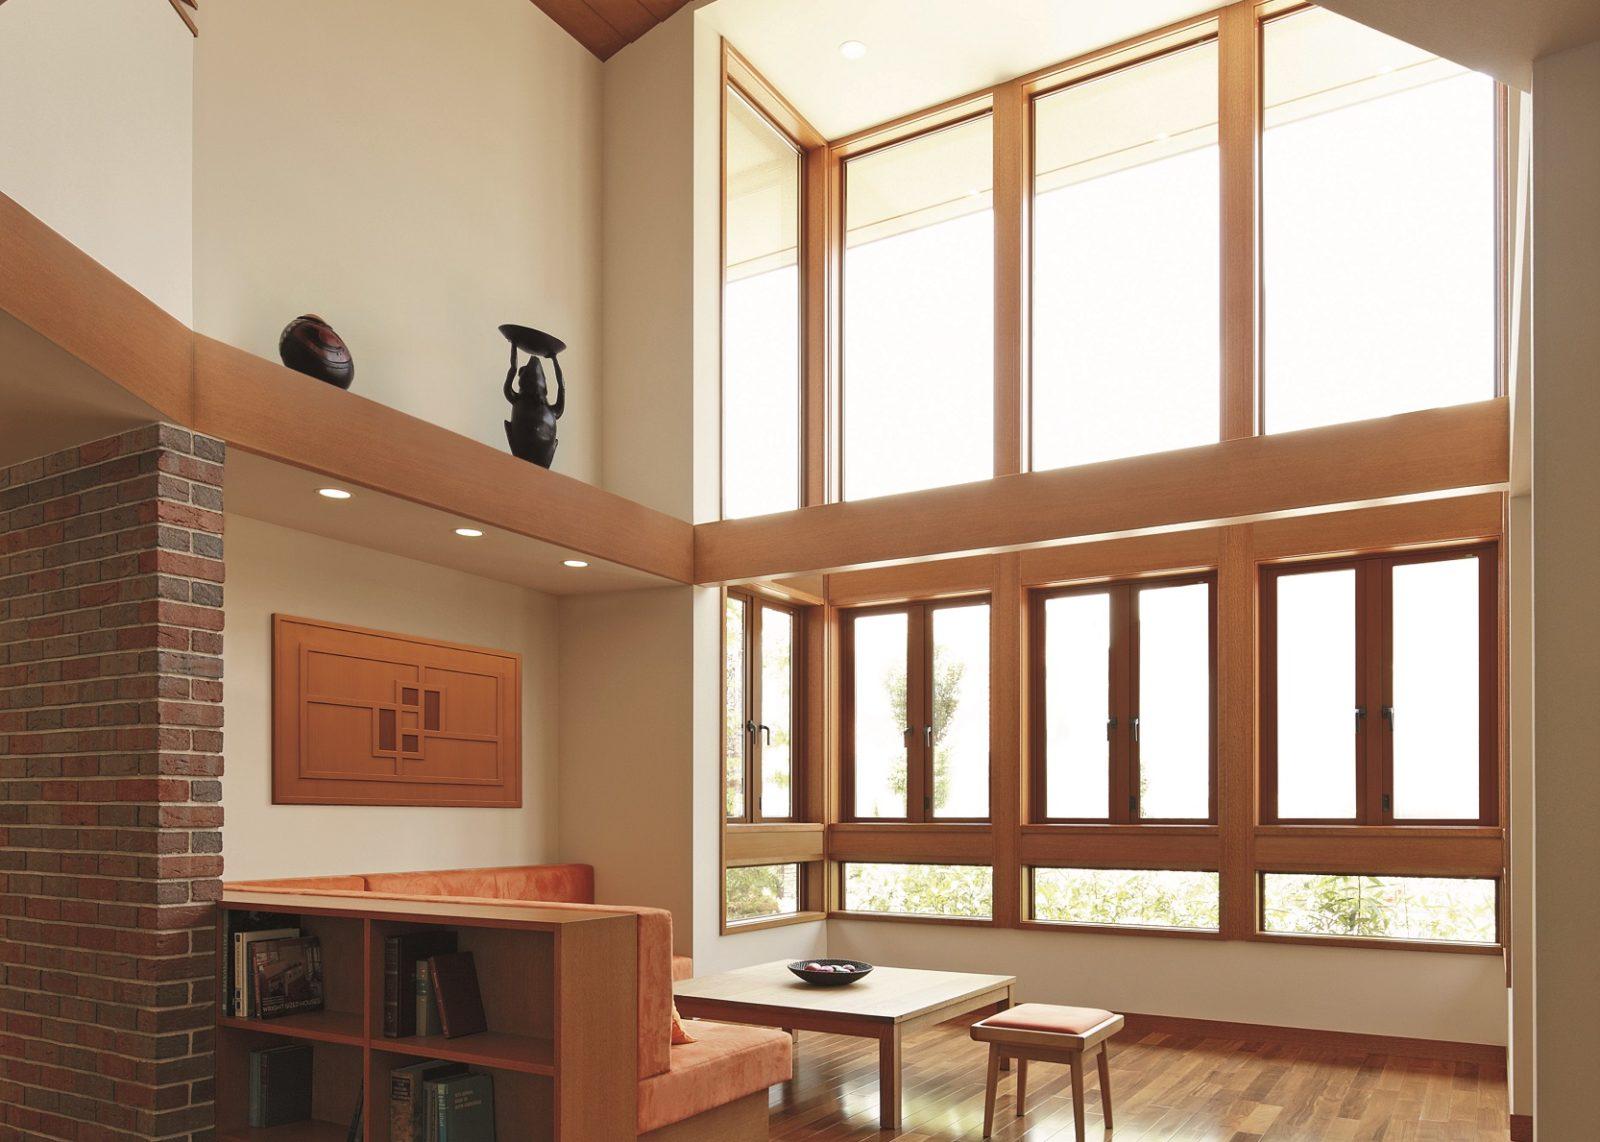 吹抜けの大きな採光窓のあるリビング(キーストーン)オーガニックハウス北九州